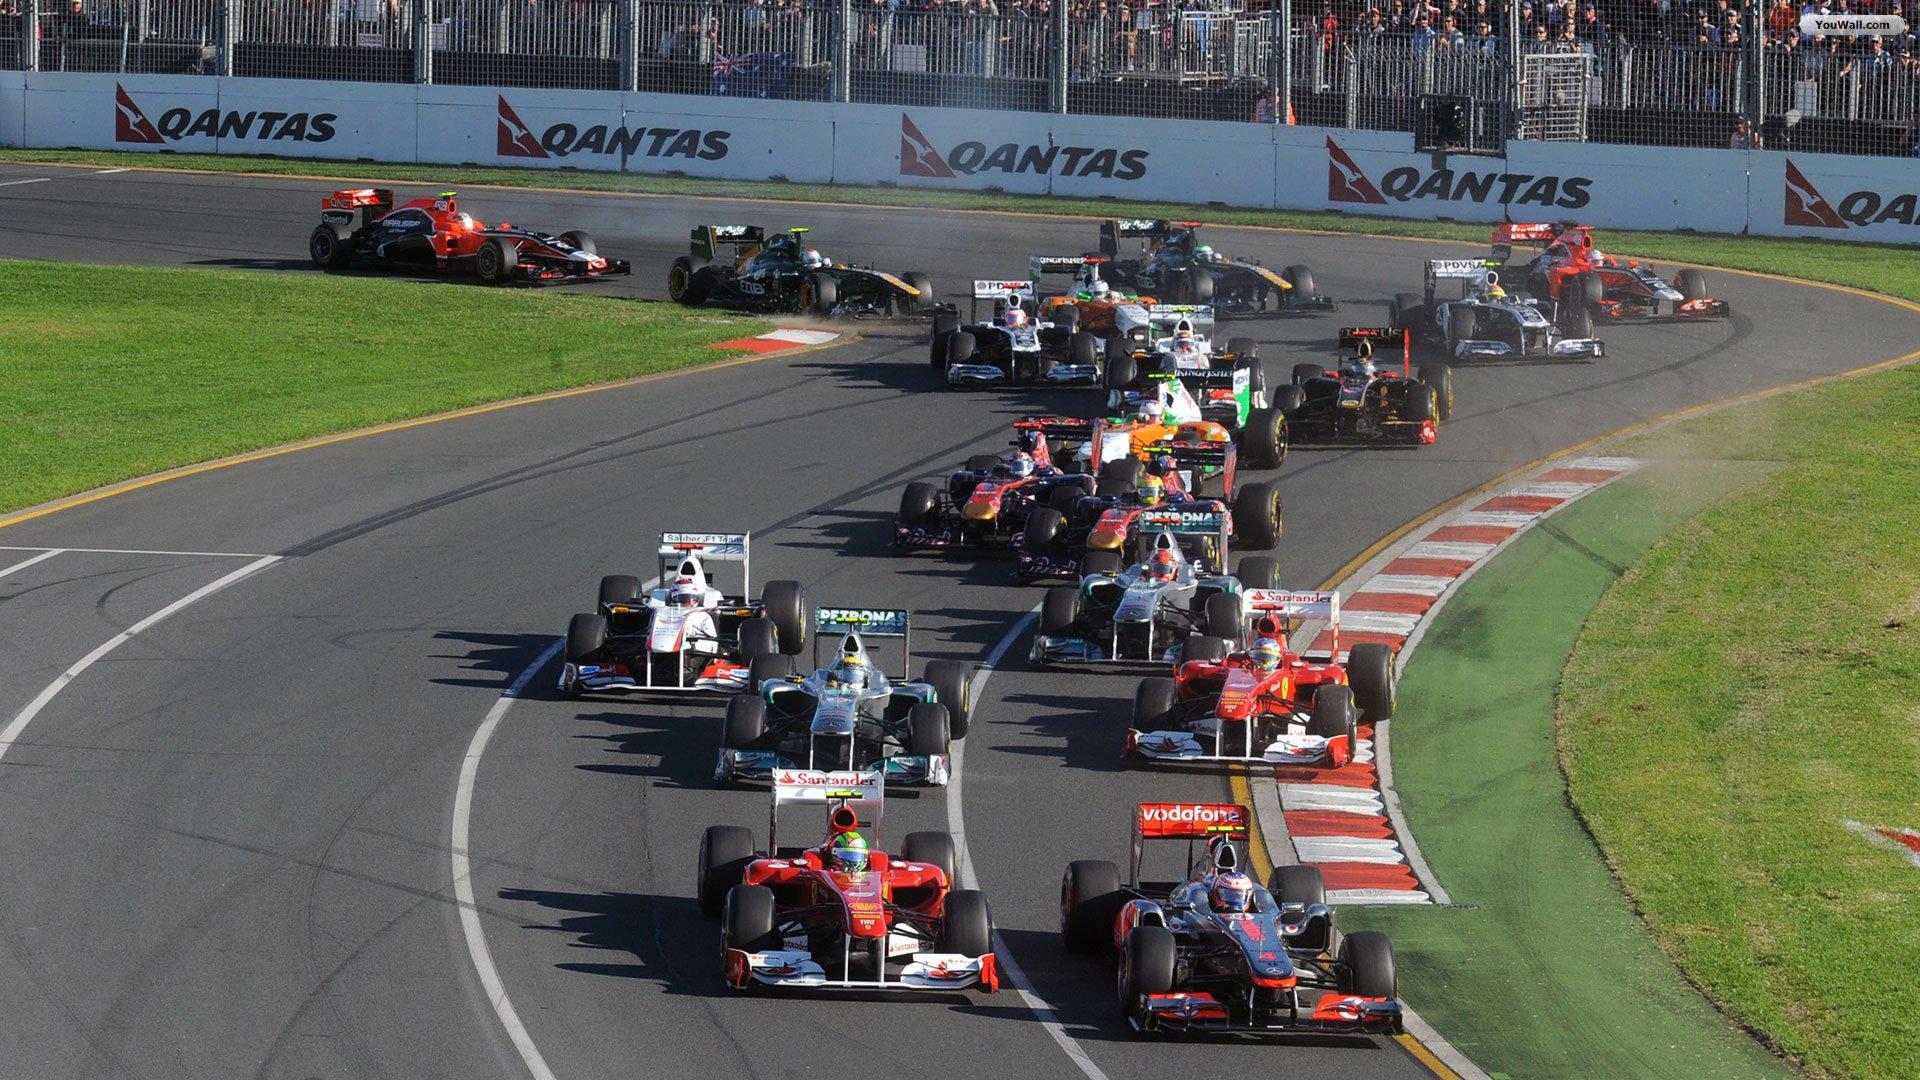 Free F1 Wallpaper